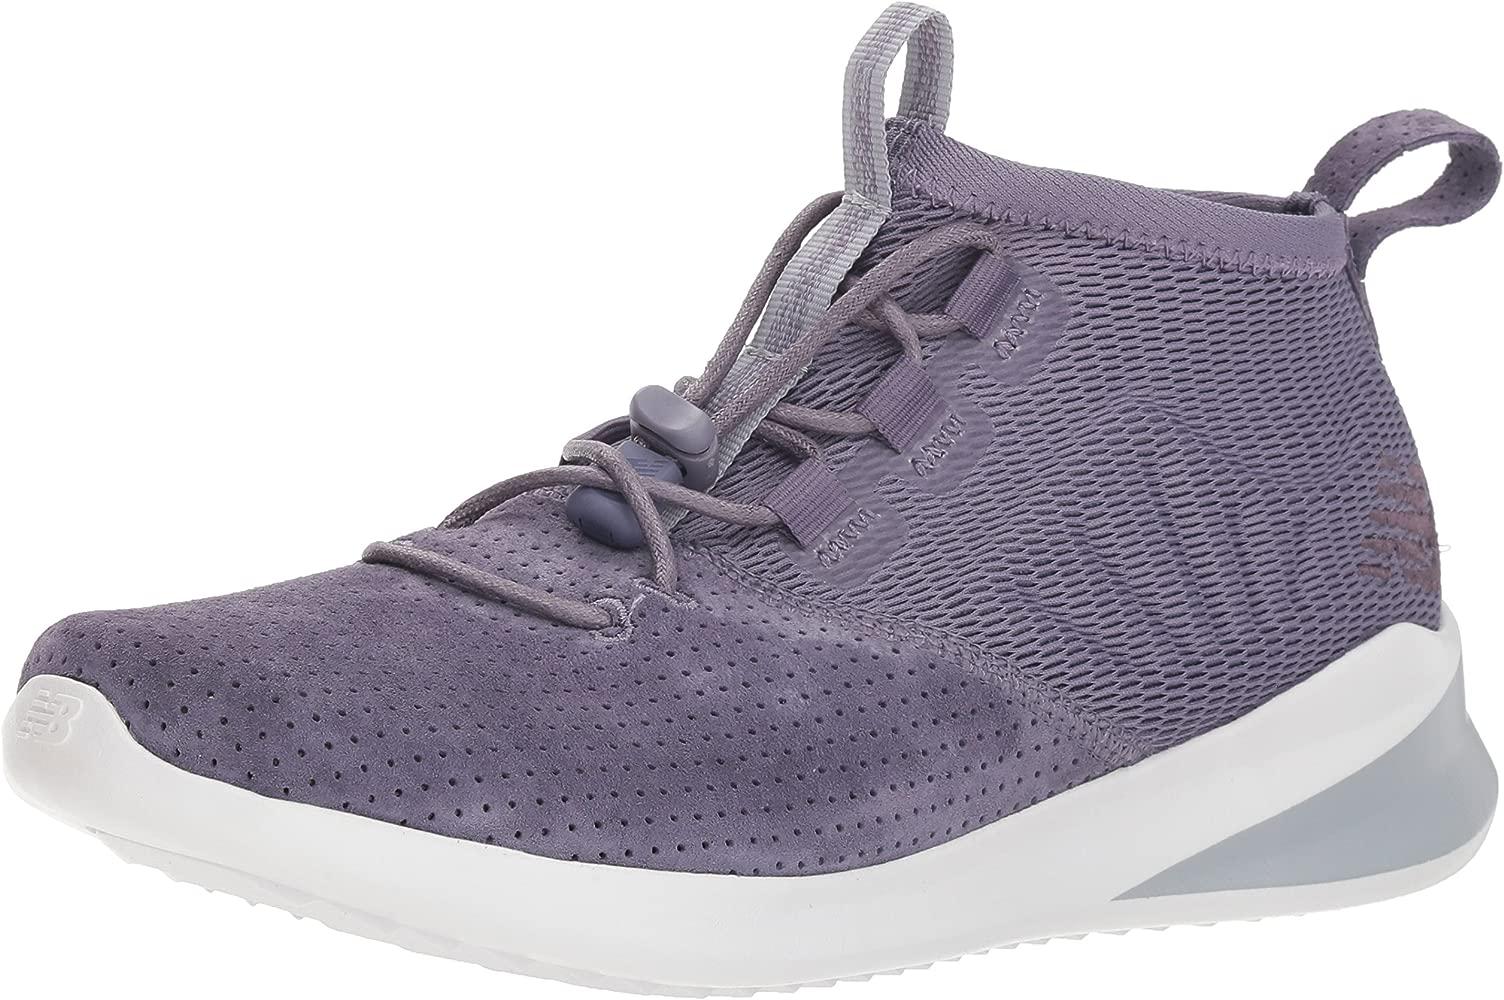 New Balance Cypher Luxe, Zapatillas de Running para Mujer